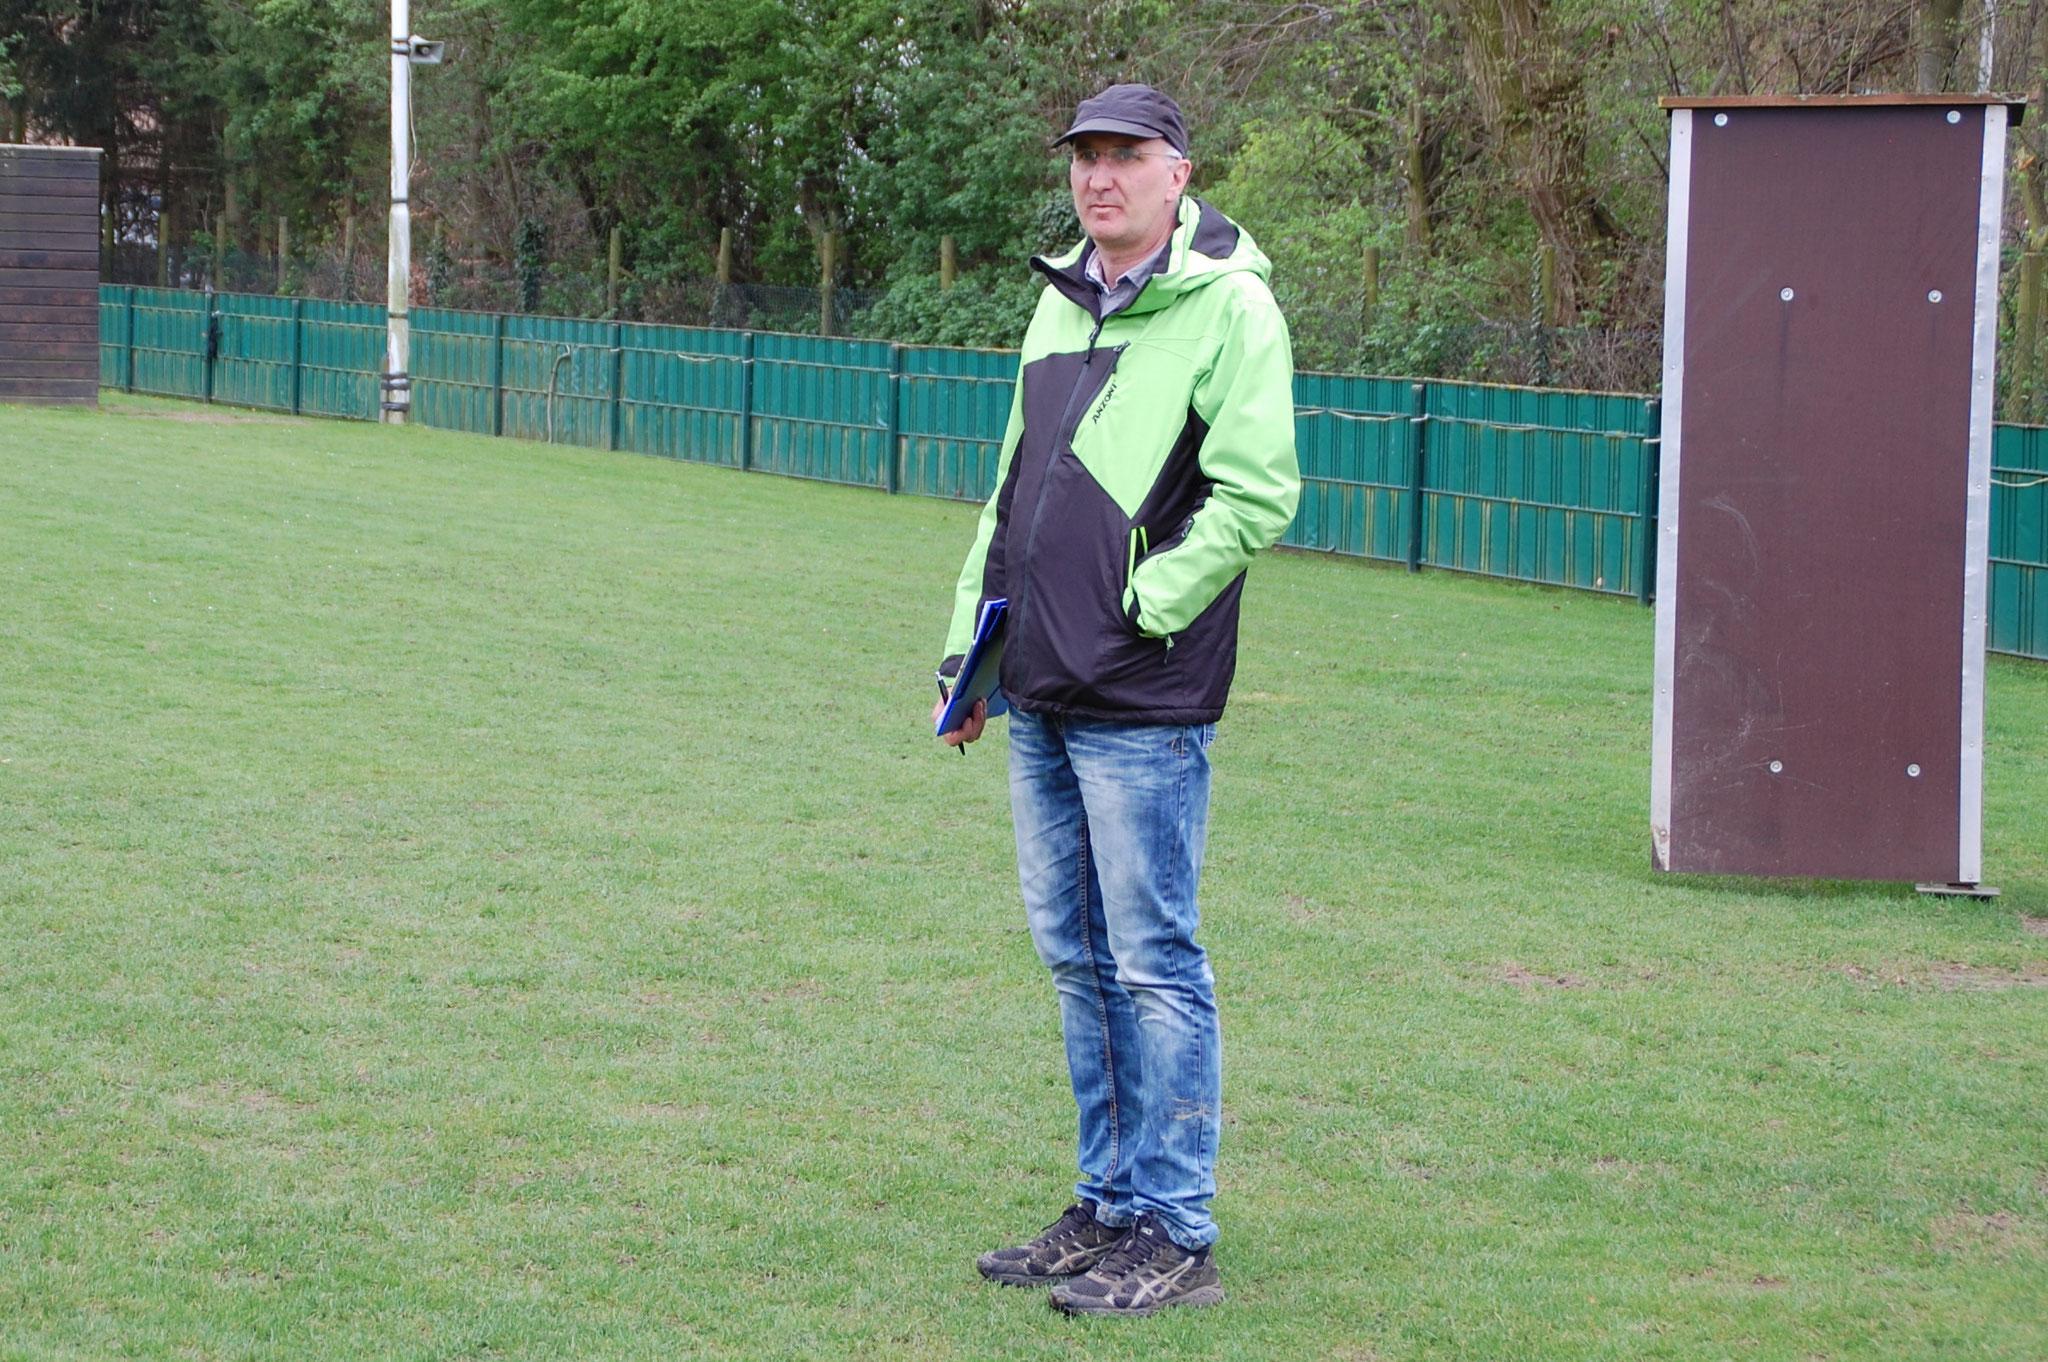 Der Leistungsrichter, Jürgen Maibüchen, wartet auf die nächste Unterordnung